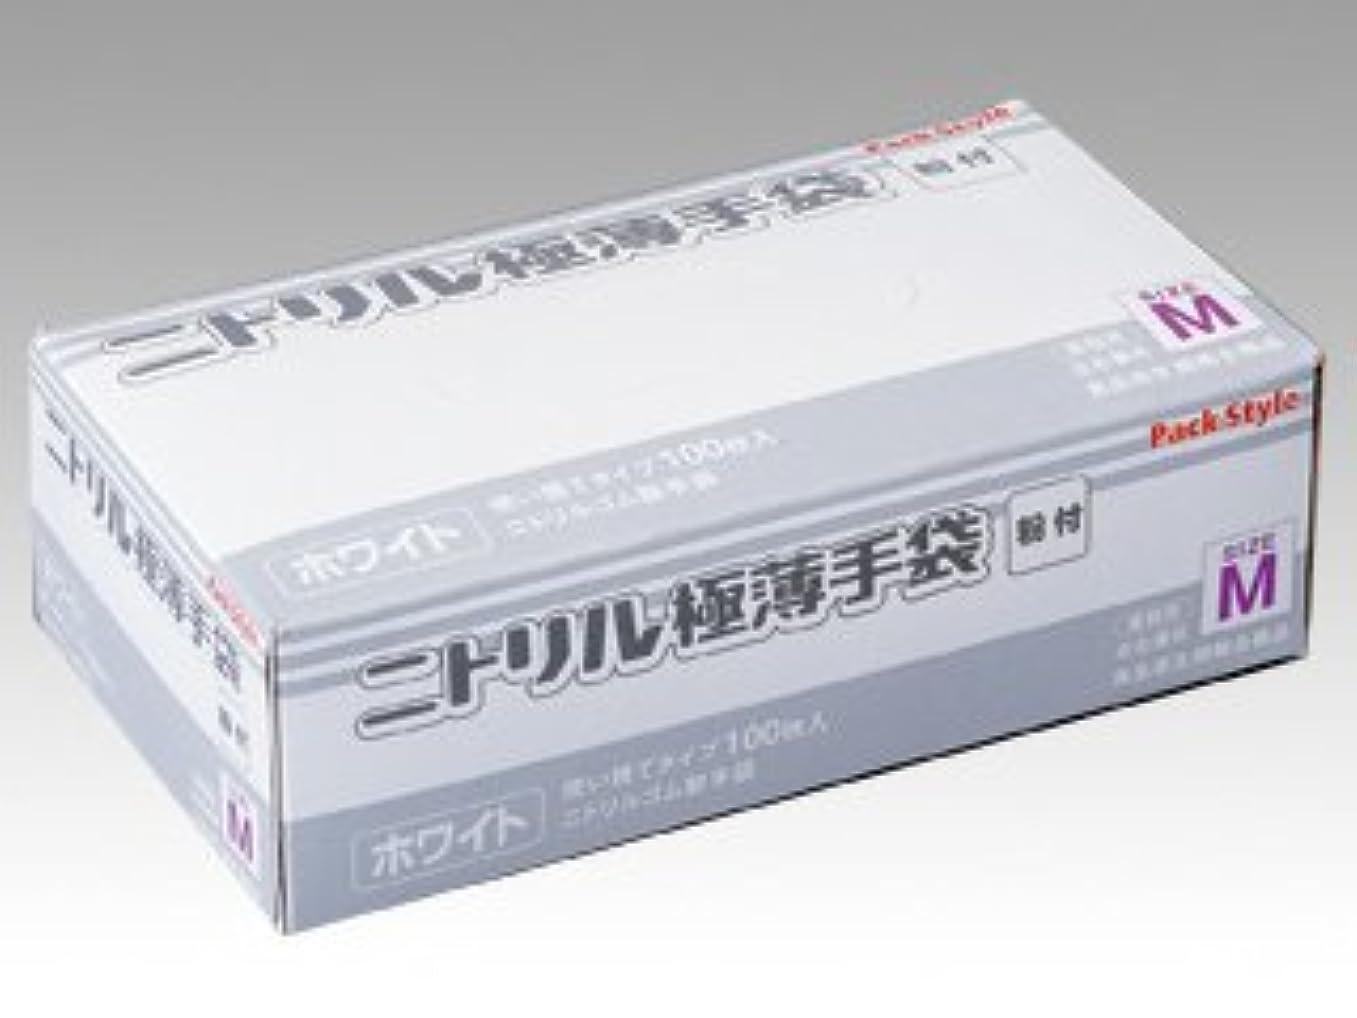 俳句保証金先祖【PackStyle】ニトリル手袋 粉付 白 M